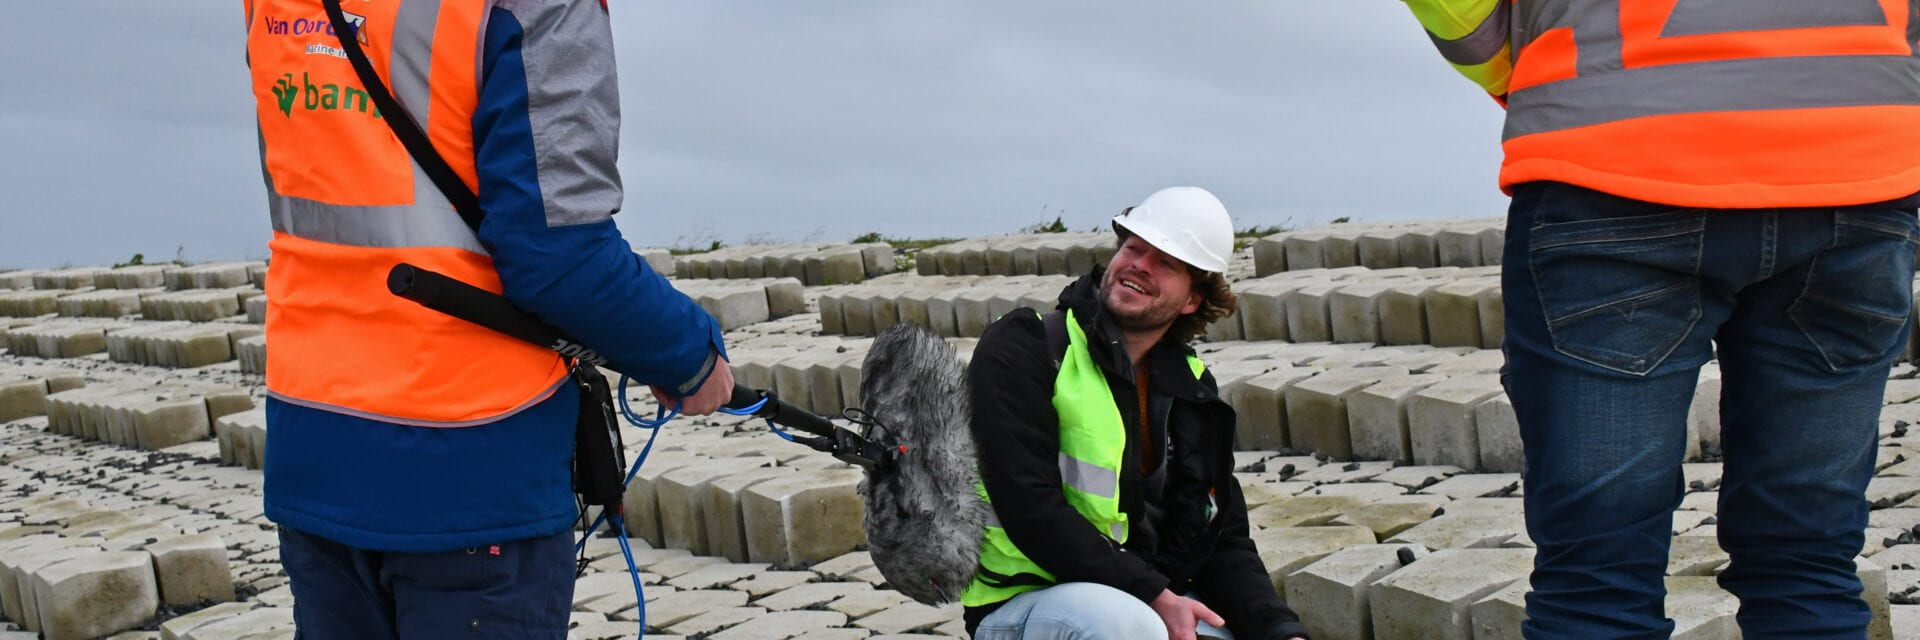 iemand zit met een plantenspuit bij een zaadbolletje van de wilde kool op de Afsluitdijk en wordt daarover geïnterviewd voor Vroege Vogels